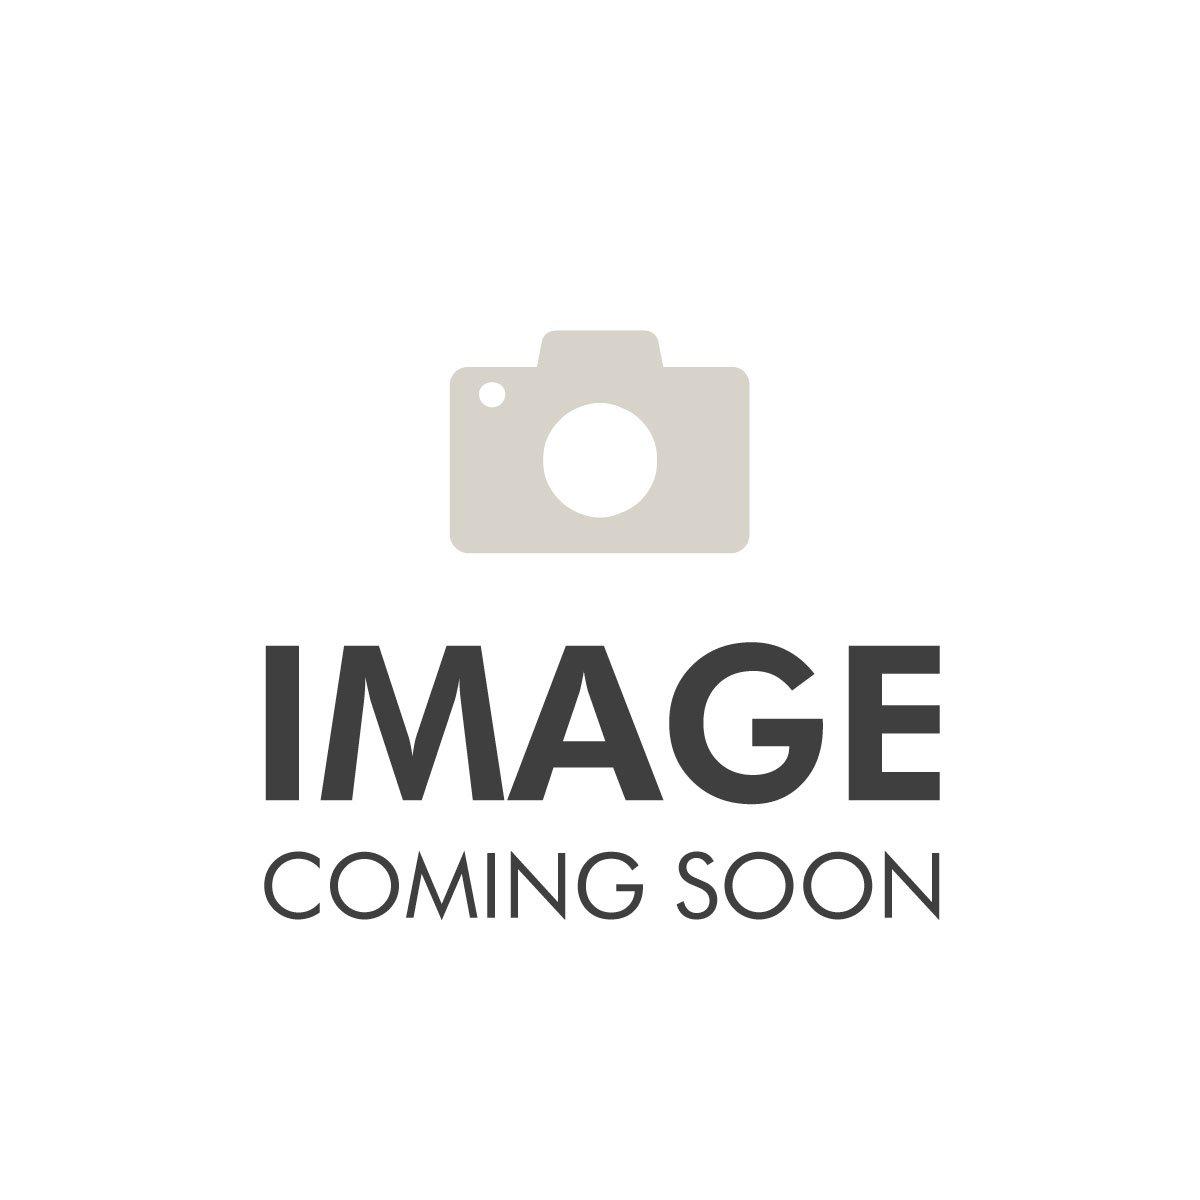 Vera Wang for Men 50ml EDT Spray